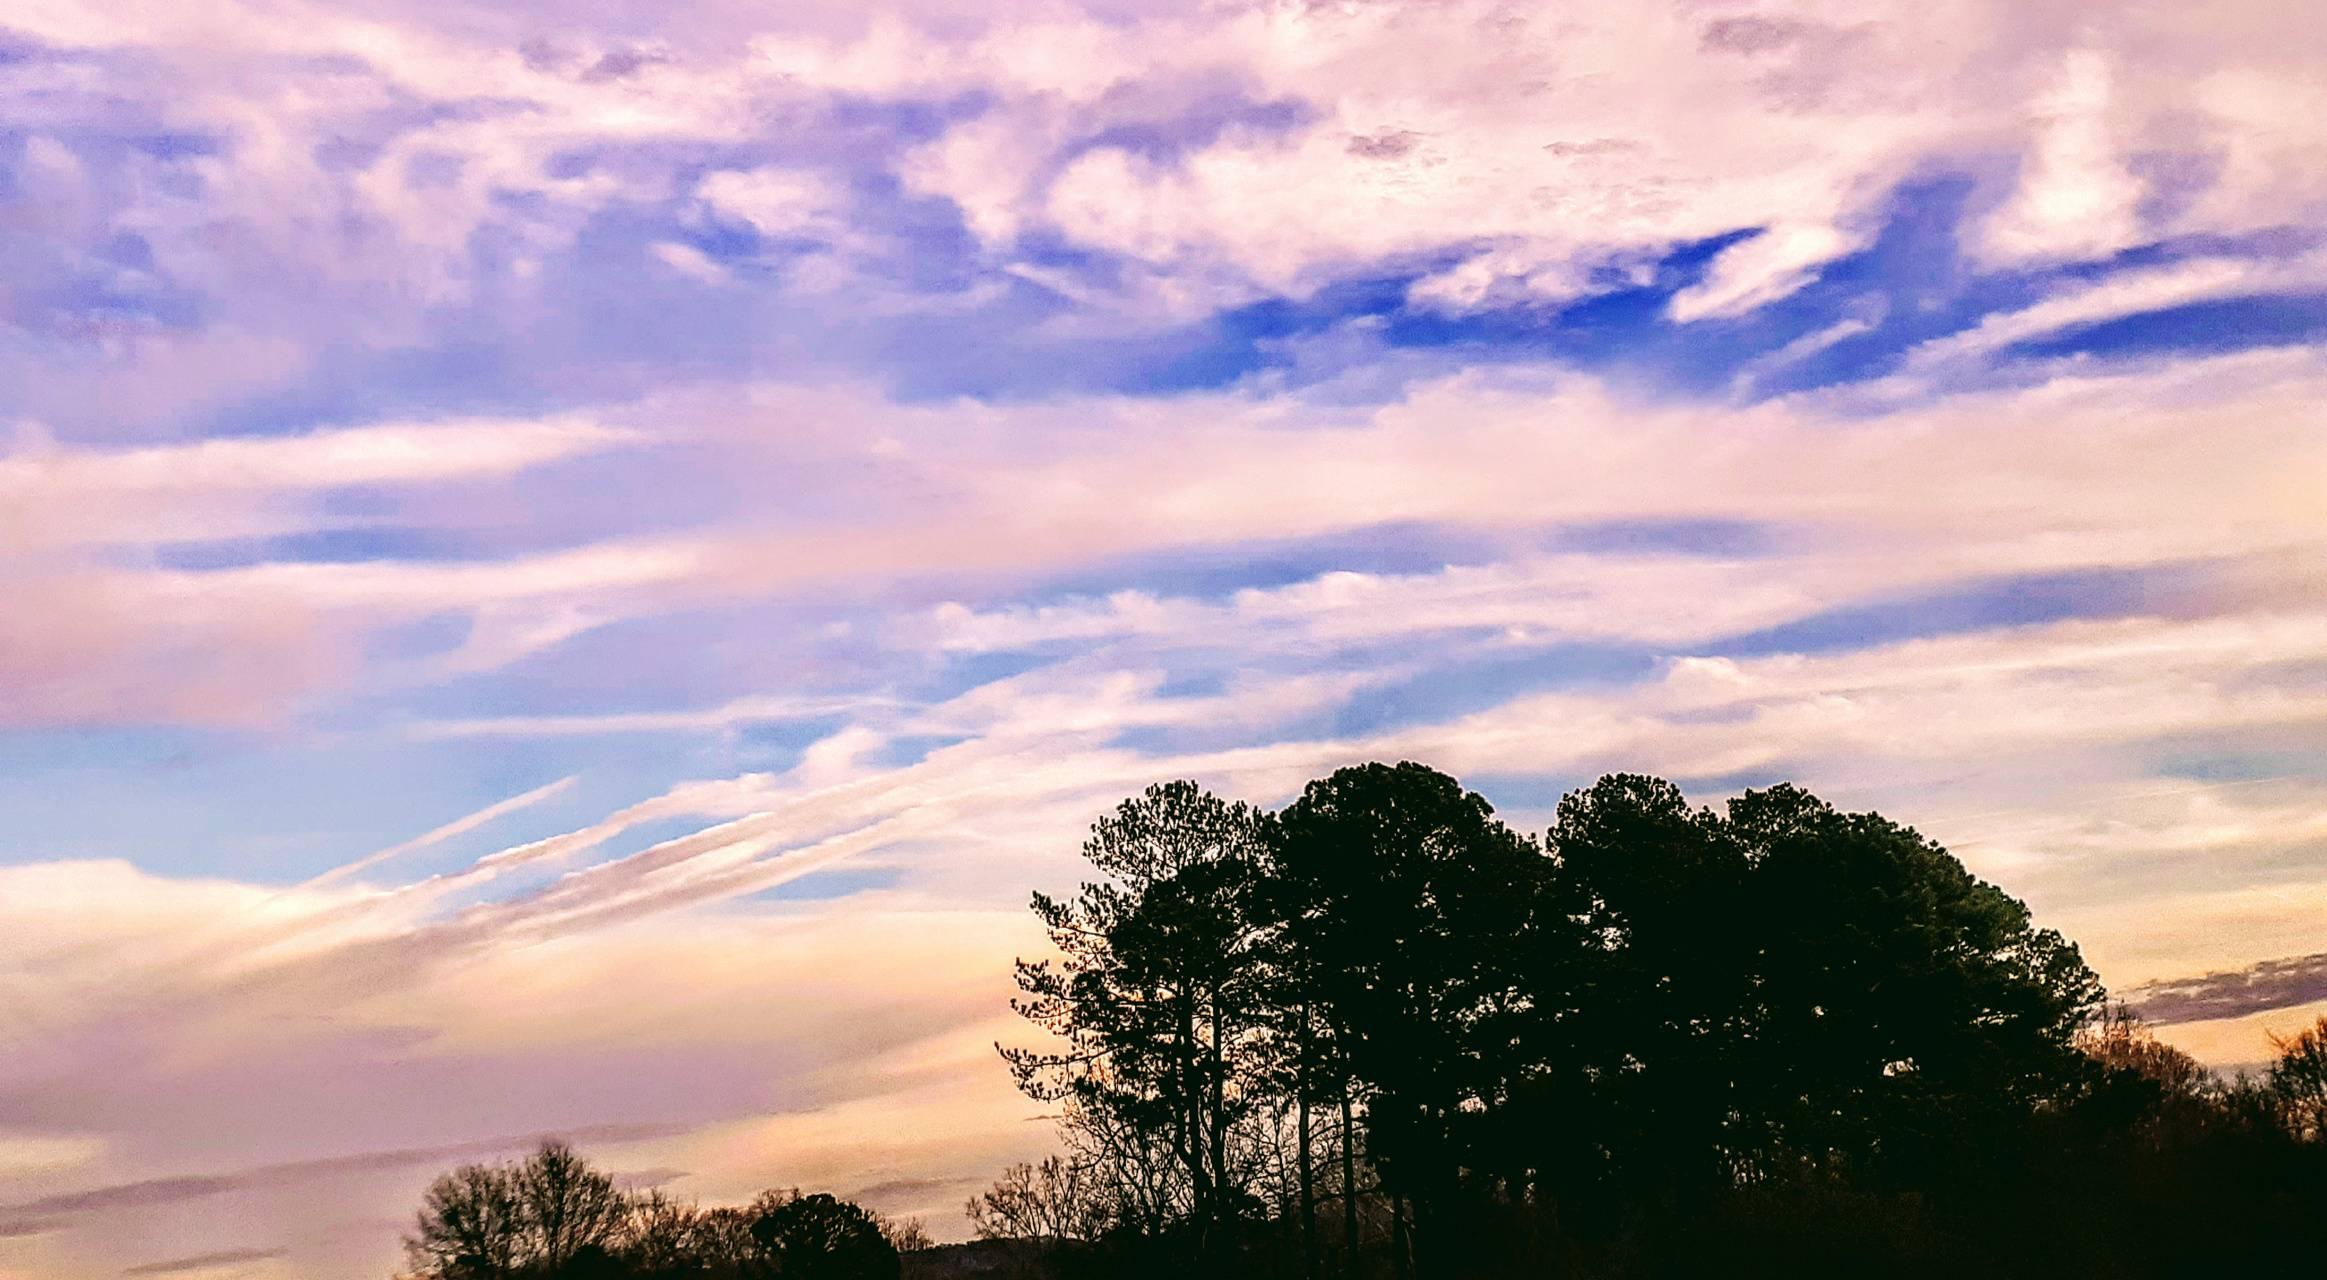 Blue n pink clouds